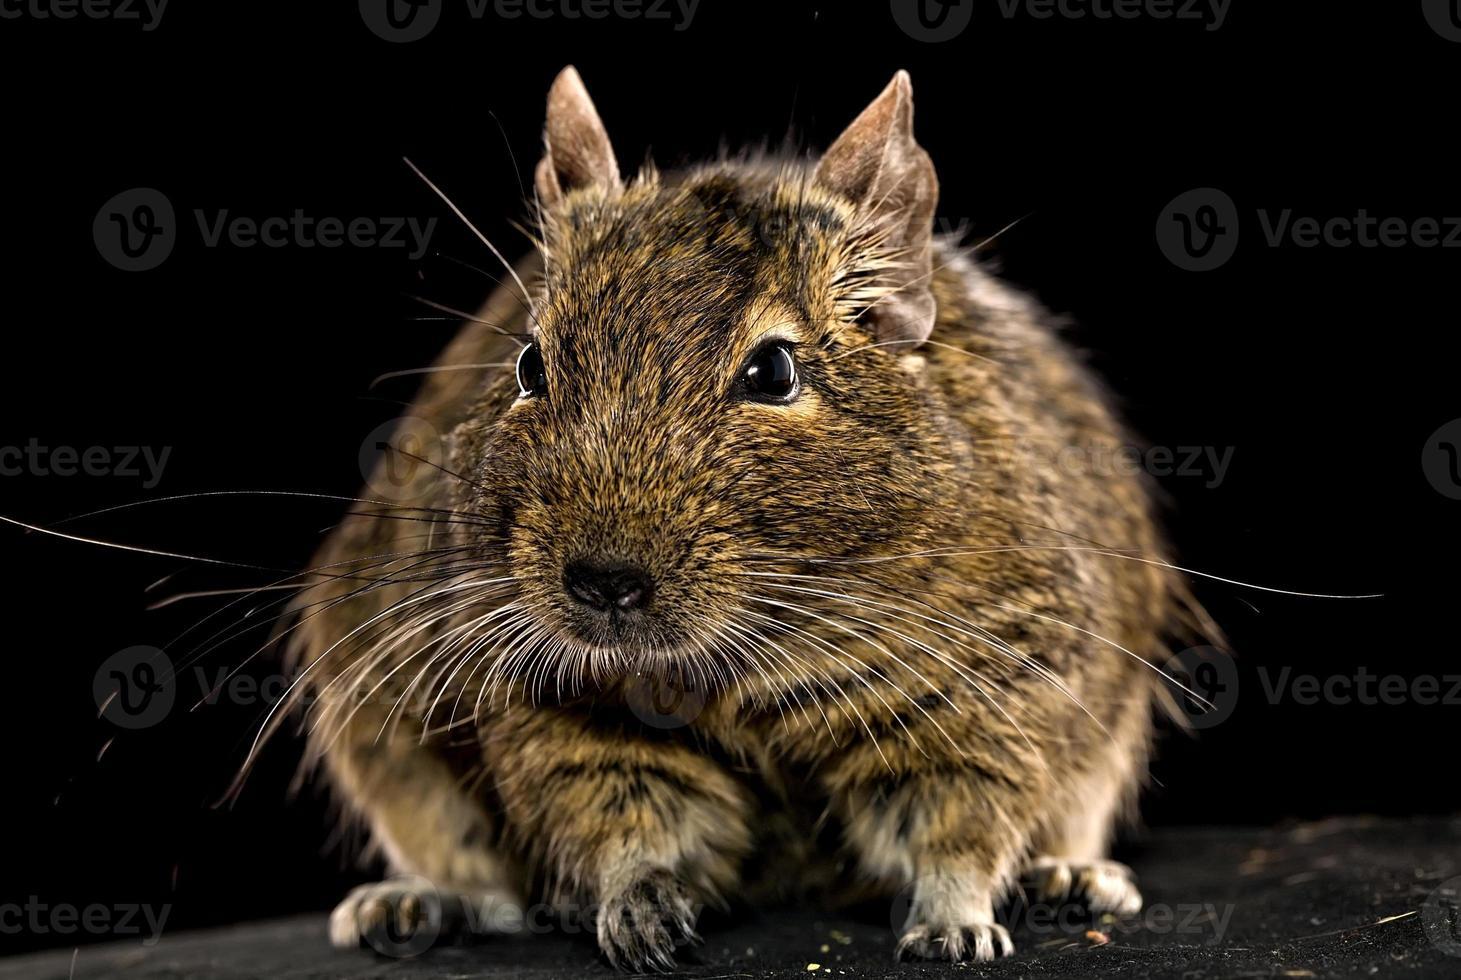 dikke degu hamster foto